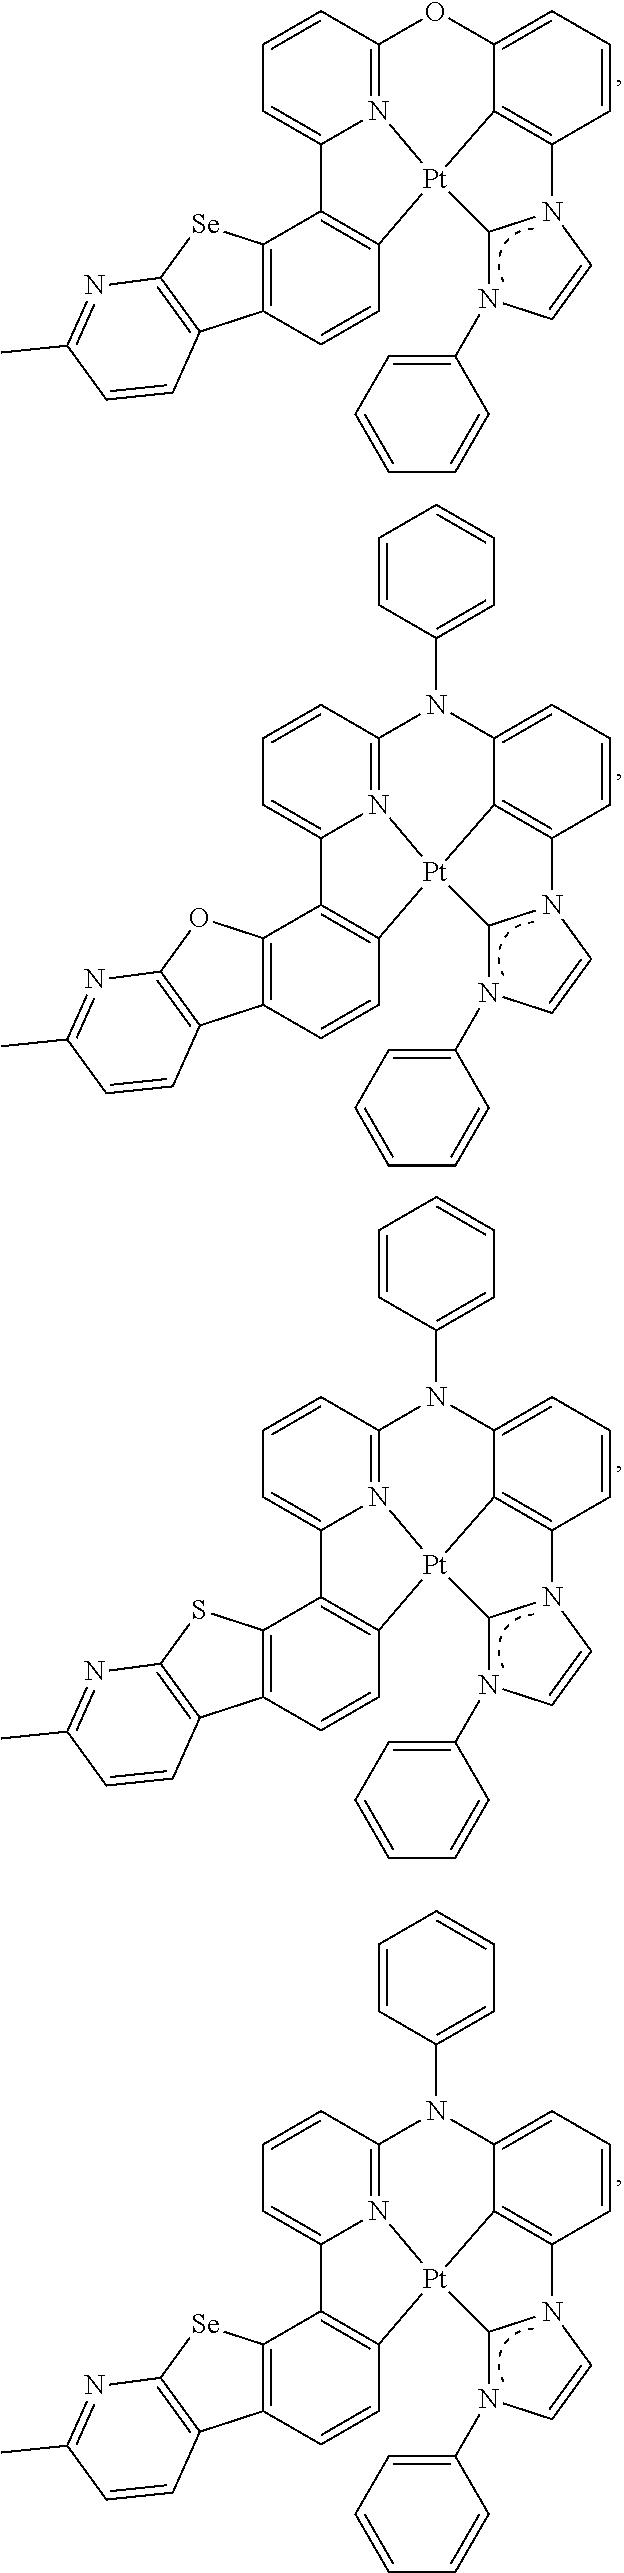 Figure US09871214-20180116-C00047